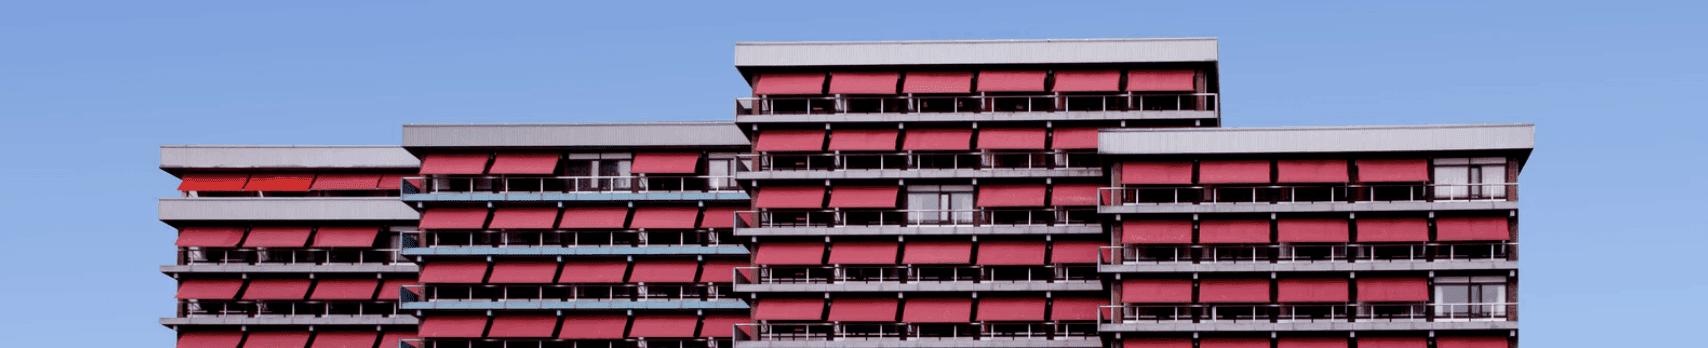 Datenbank Wohnungsunternehmen